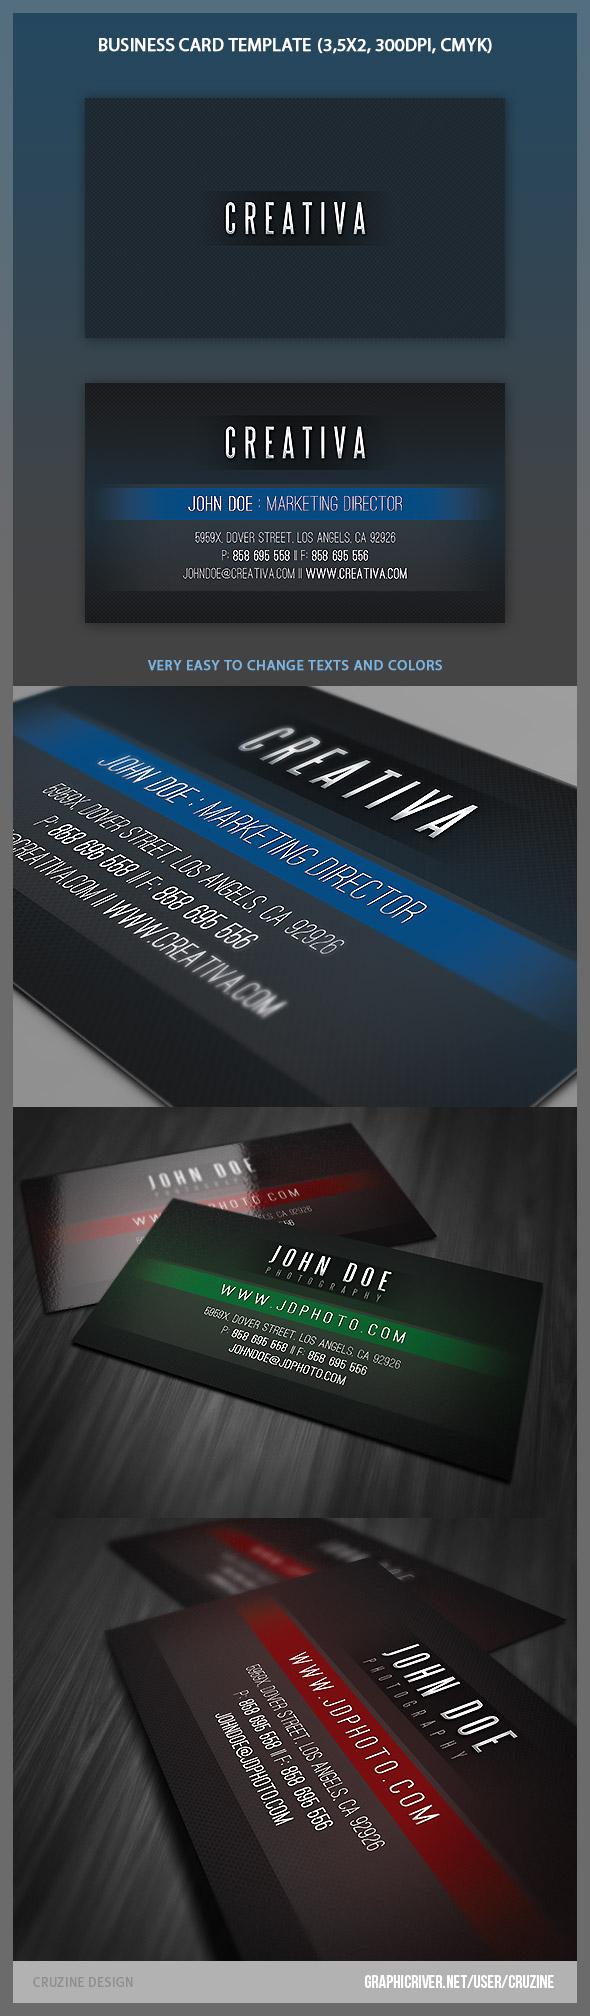 darkcard